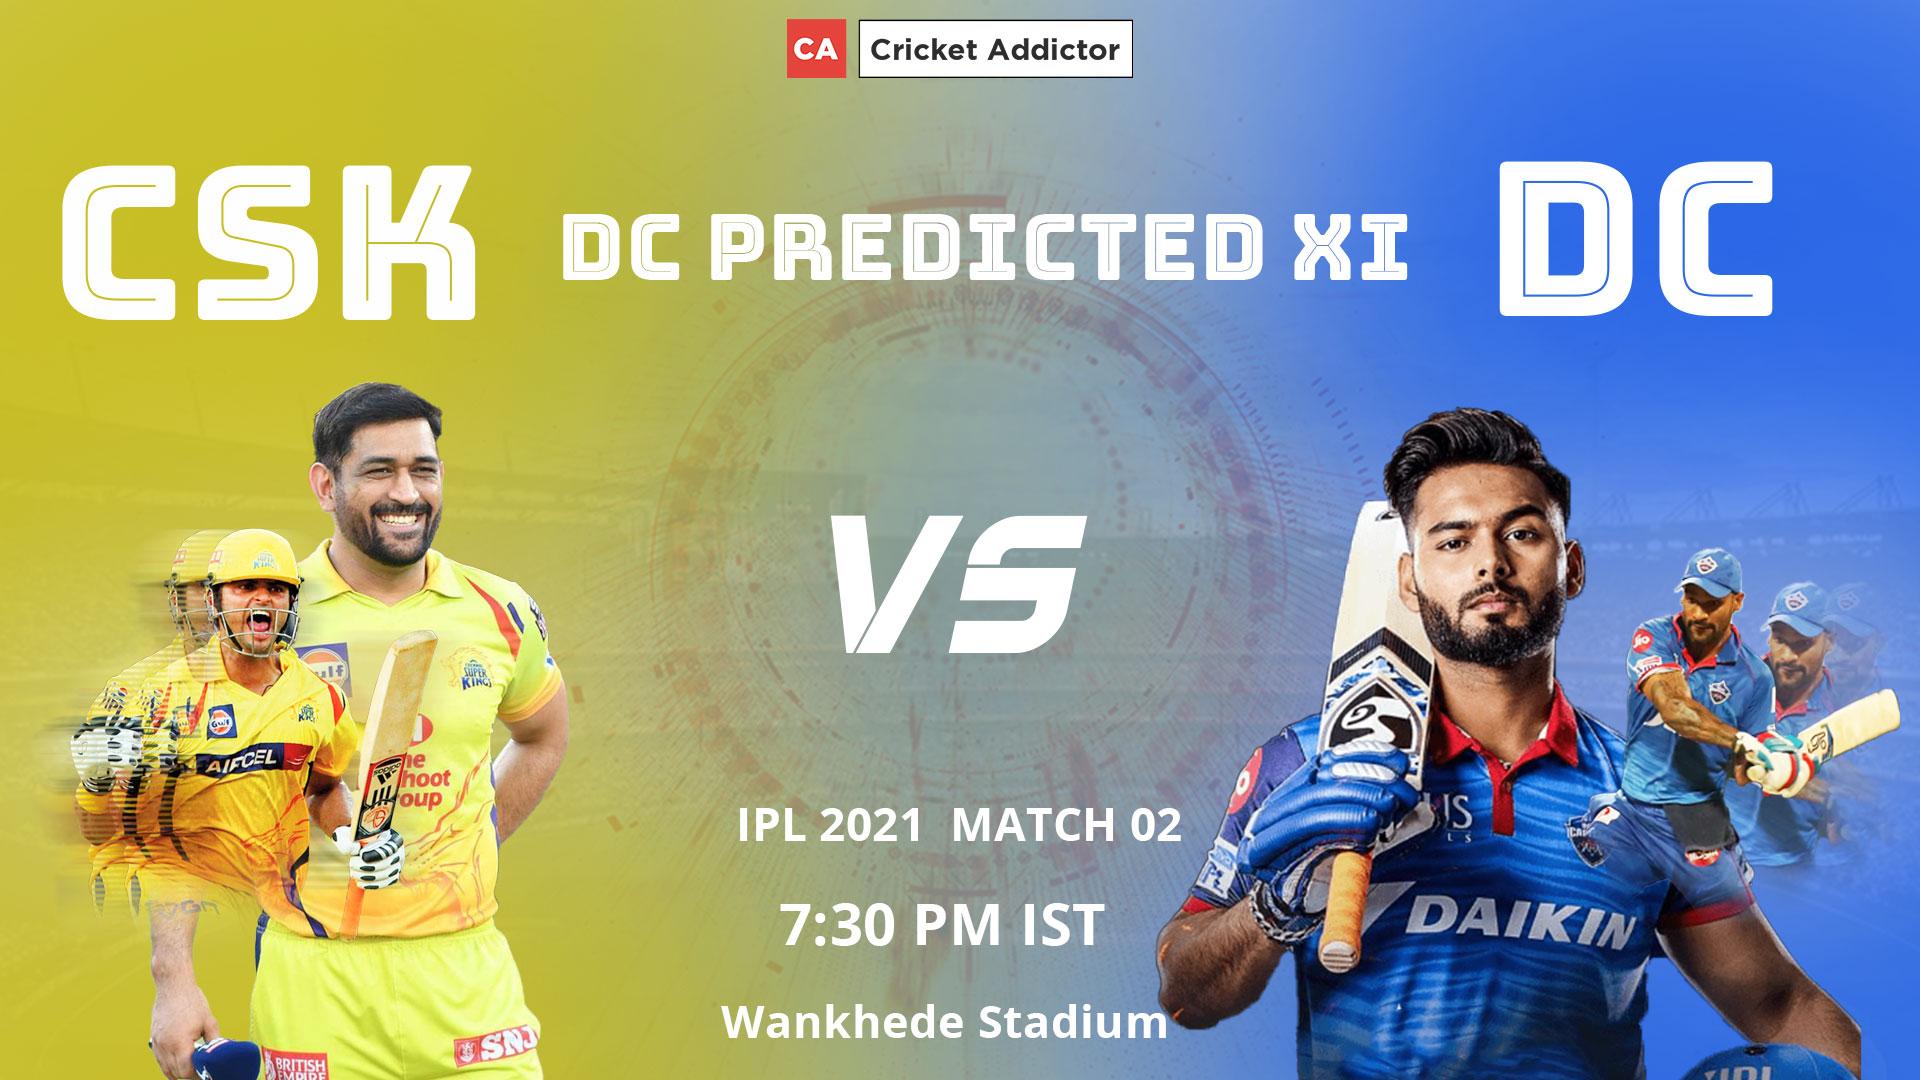 Delhi Capitals, DC, predicted XI